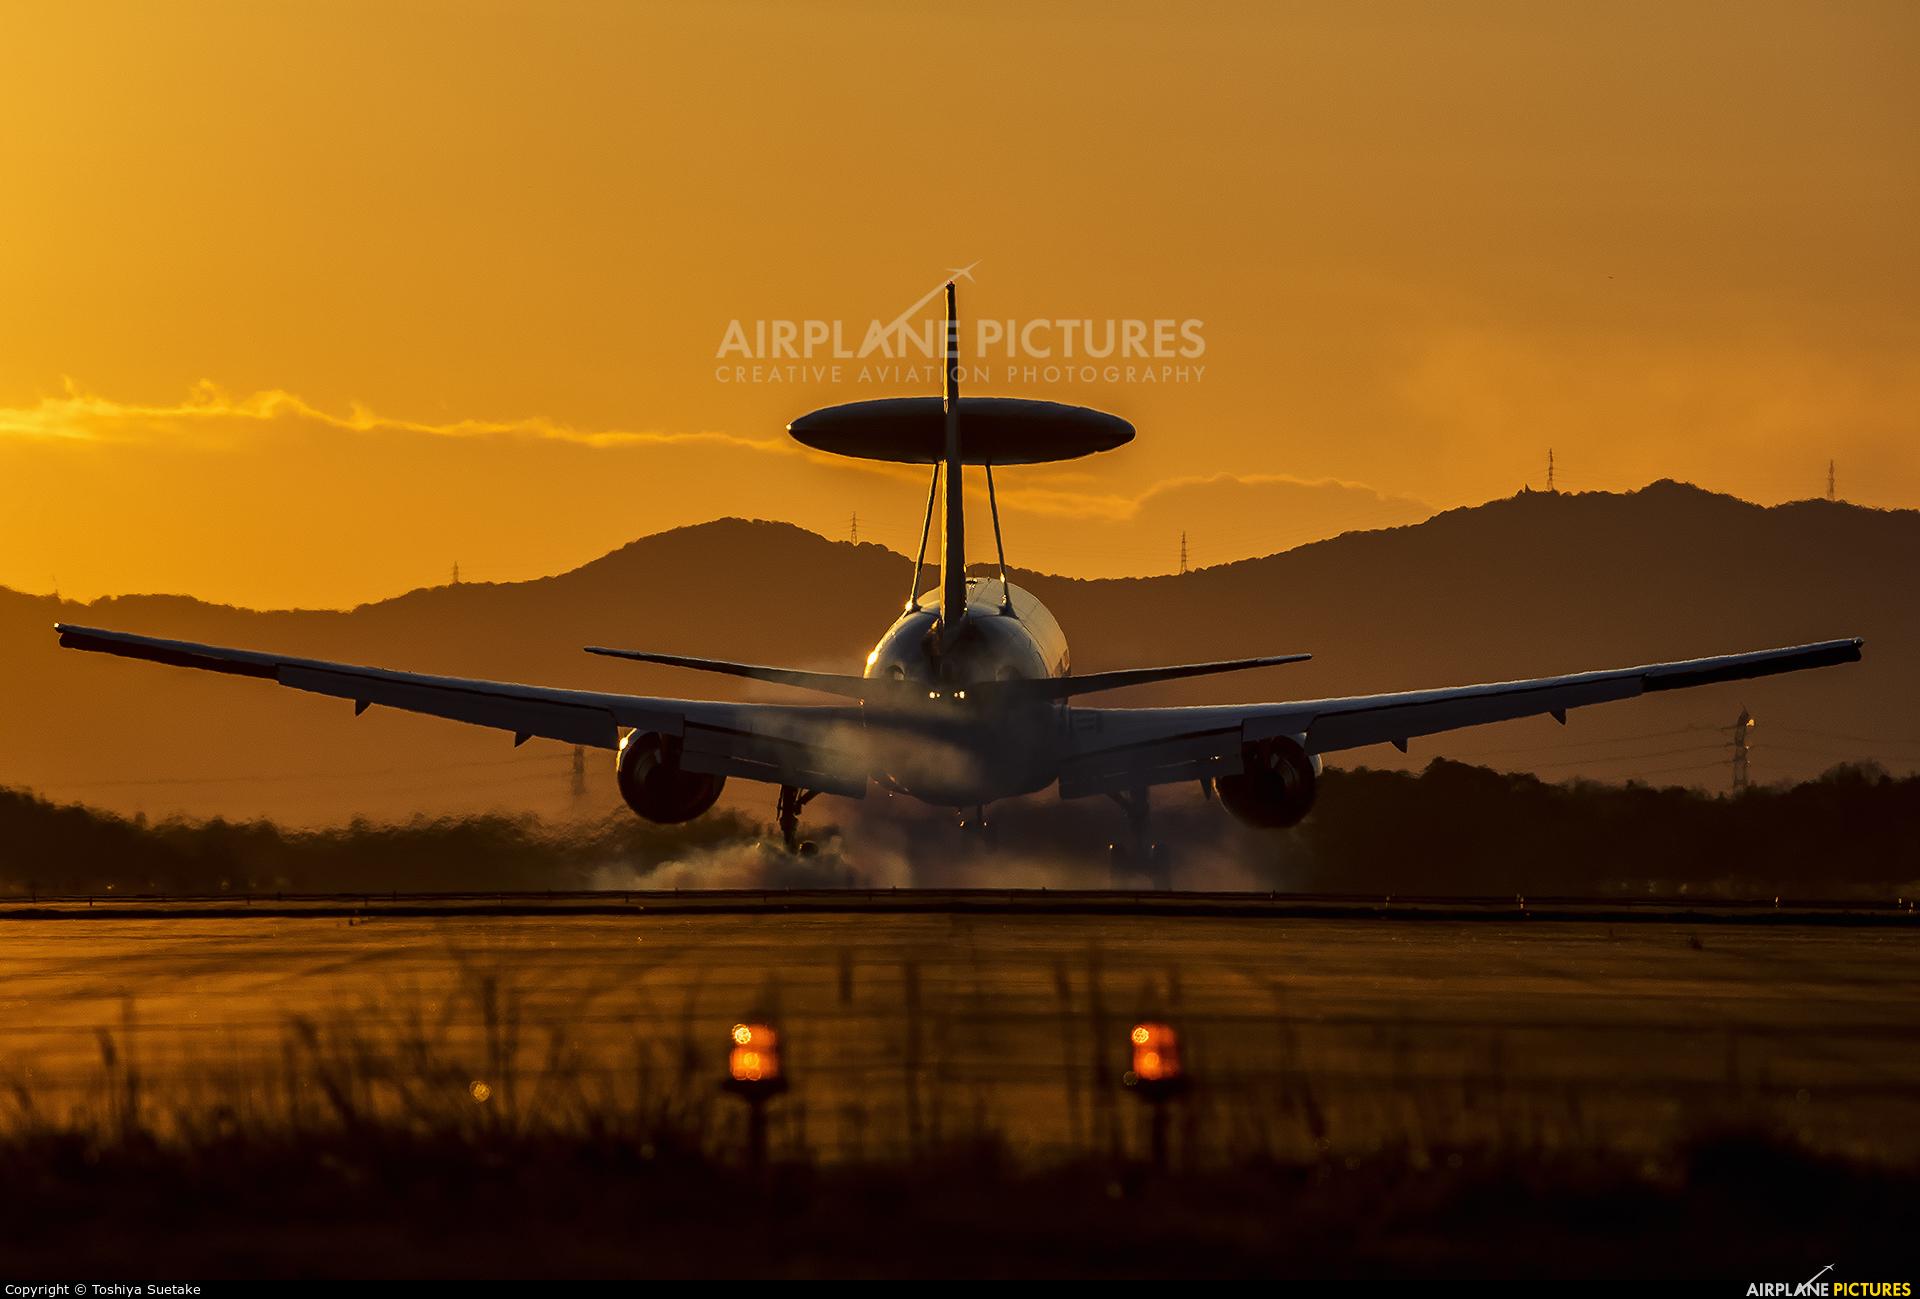 Japan - Air Self Defence Force 84-3504 aircraft at Hamamatsu AB